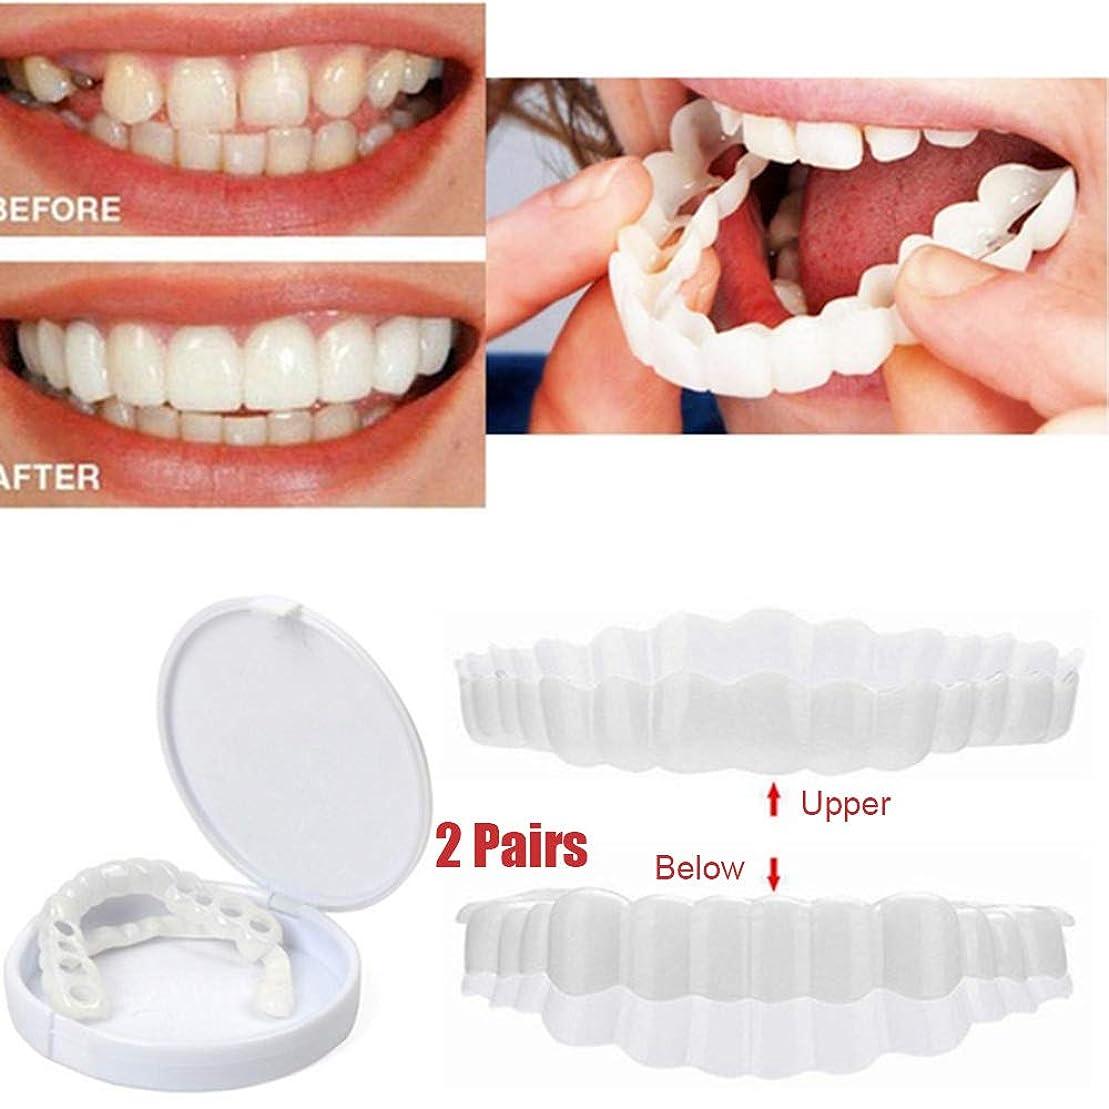 ナット突然の豚白くなるベニヤ歯美容メイクアップ歯快適で柔軟な歯のケアケア自信を持って笑顔黄色い歯悪い歯ホワイトニングオーラルケア(2ペア)